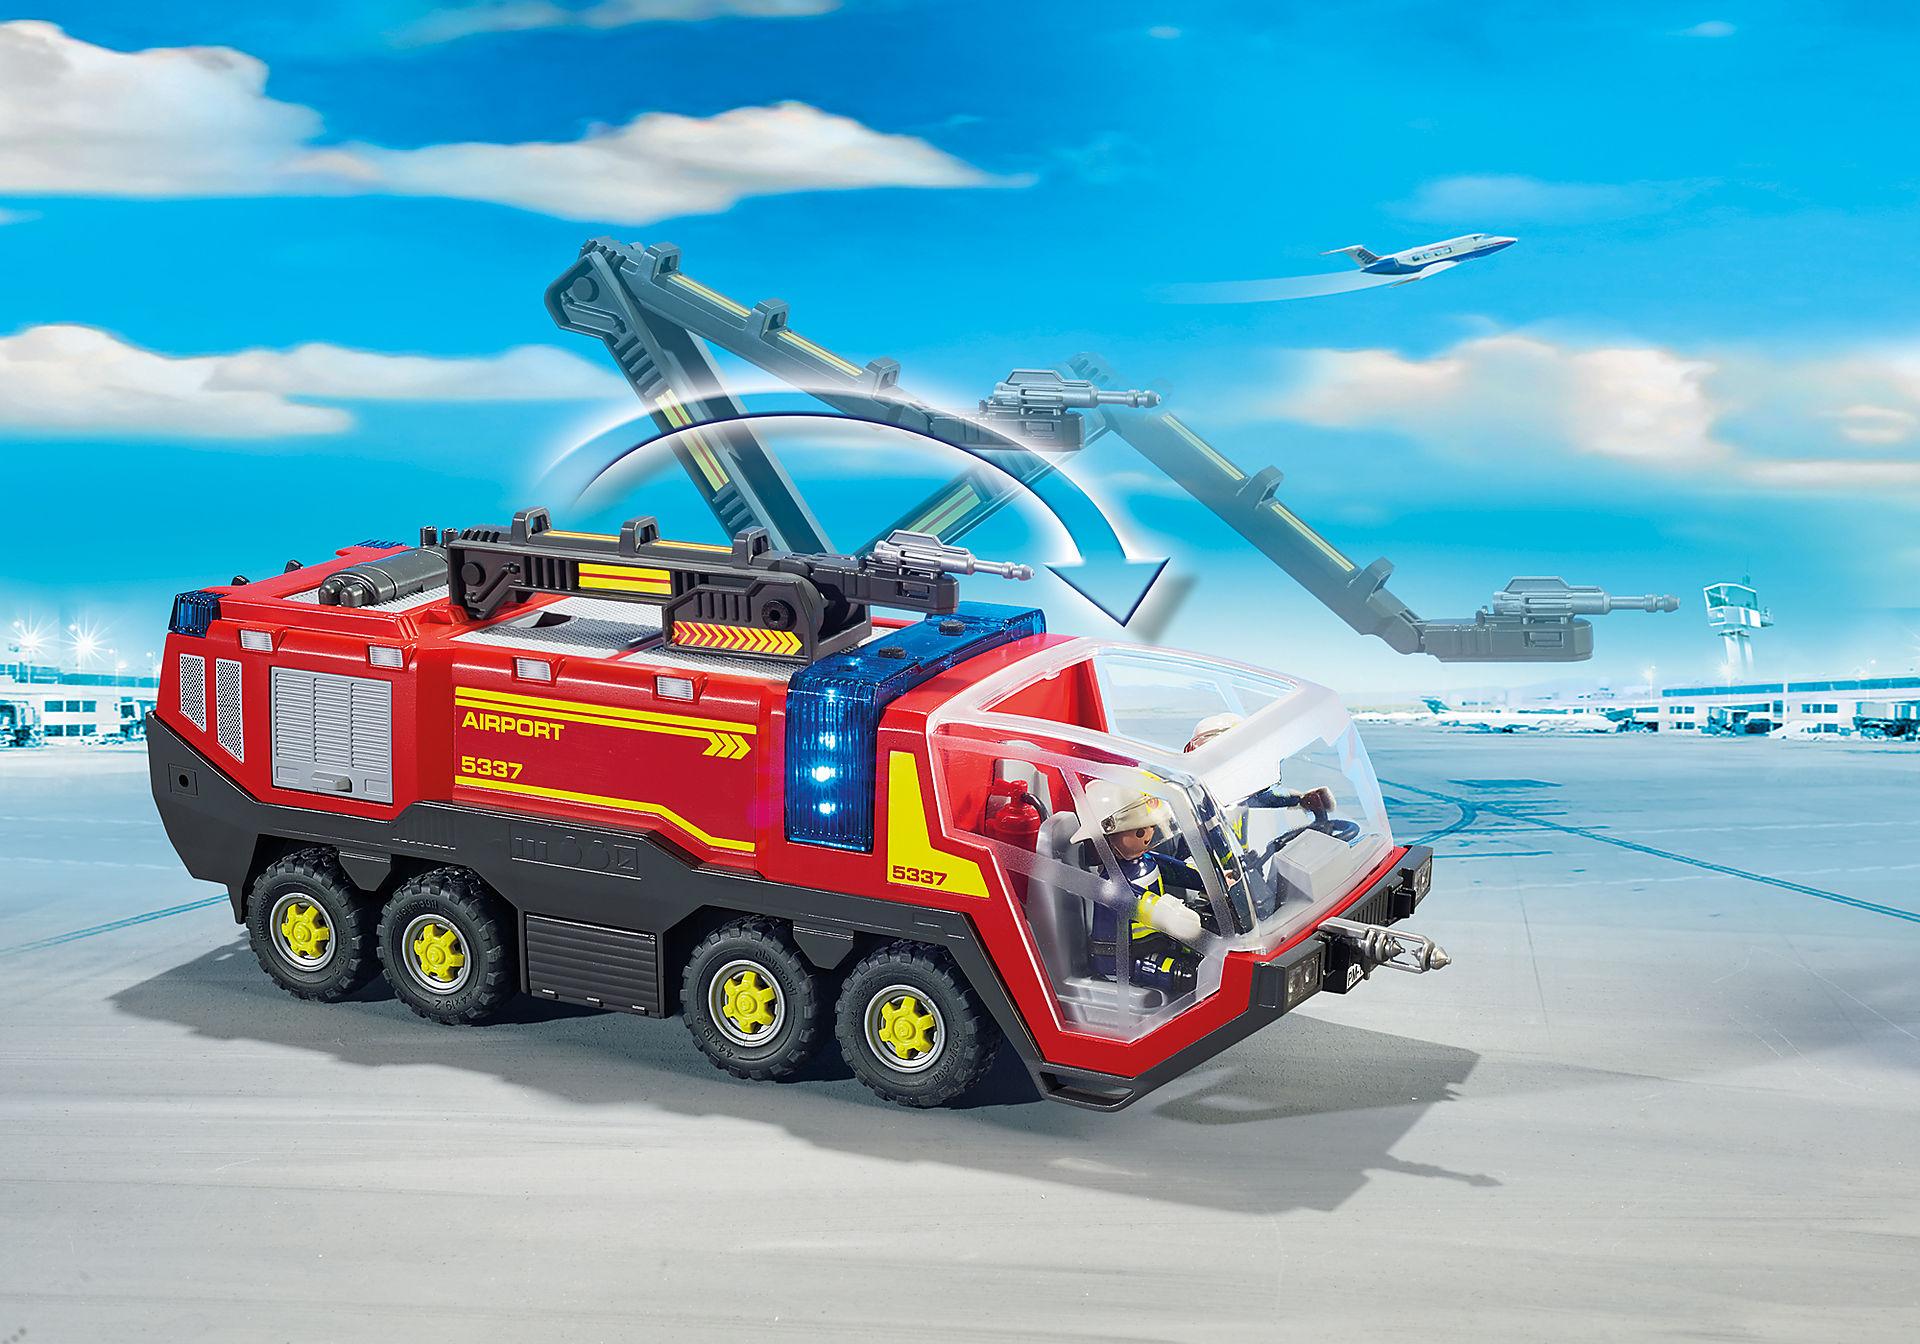 5337 Pojazd strażacki na lotnisku ze światłem zoom image8